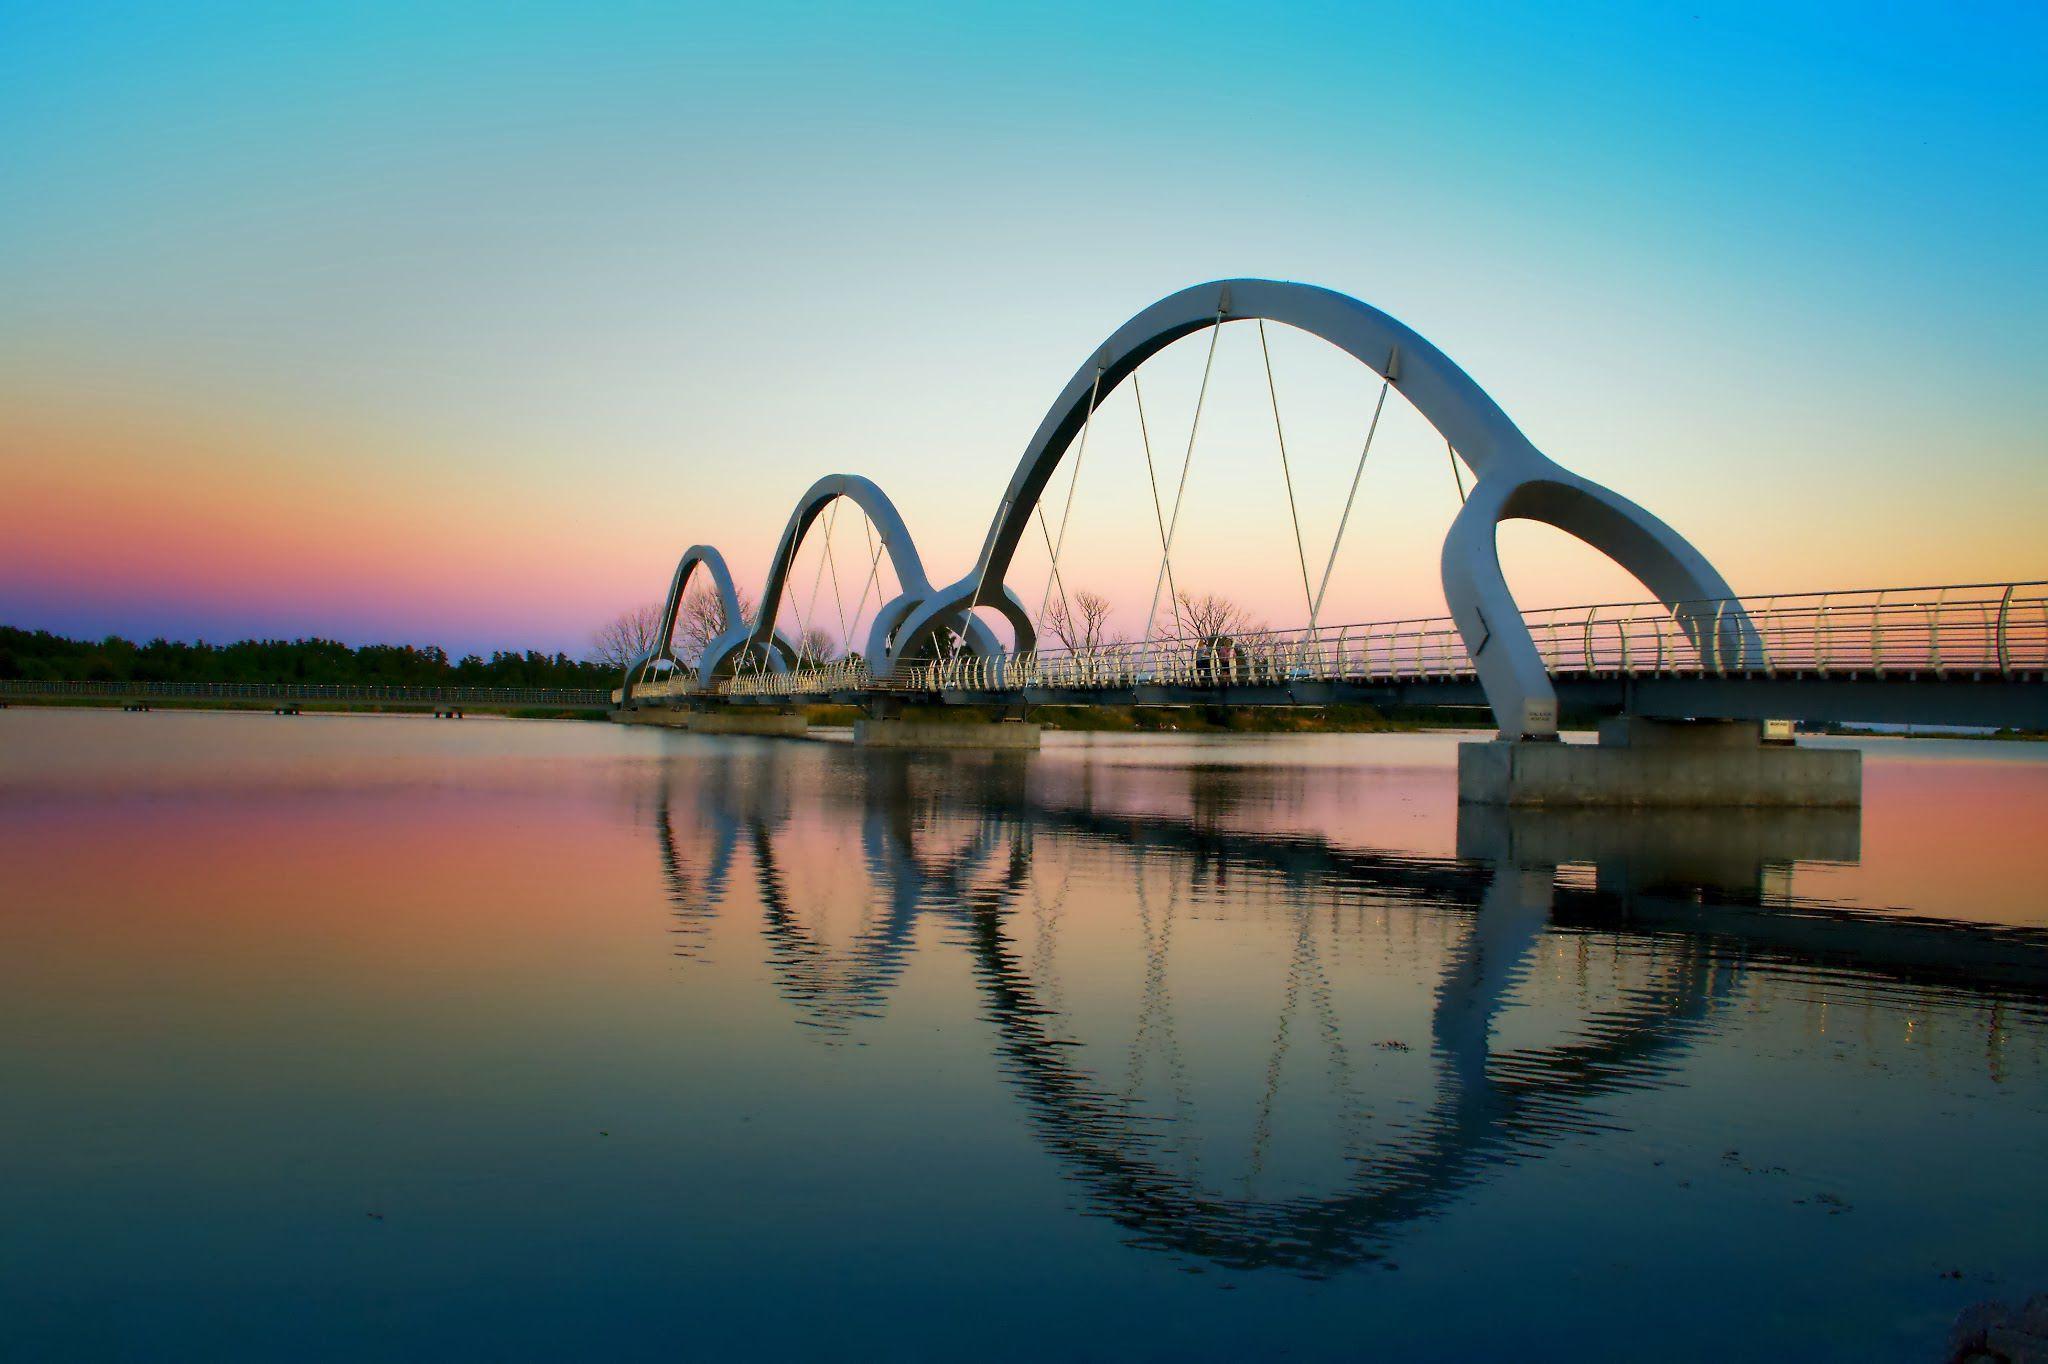 Gaiola Bridge Widescreen